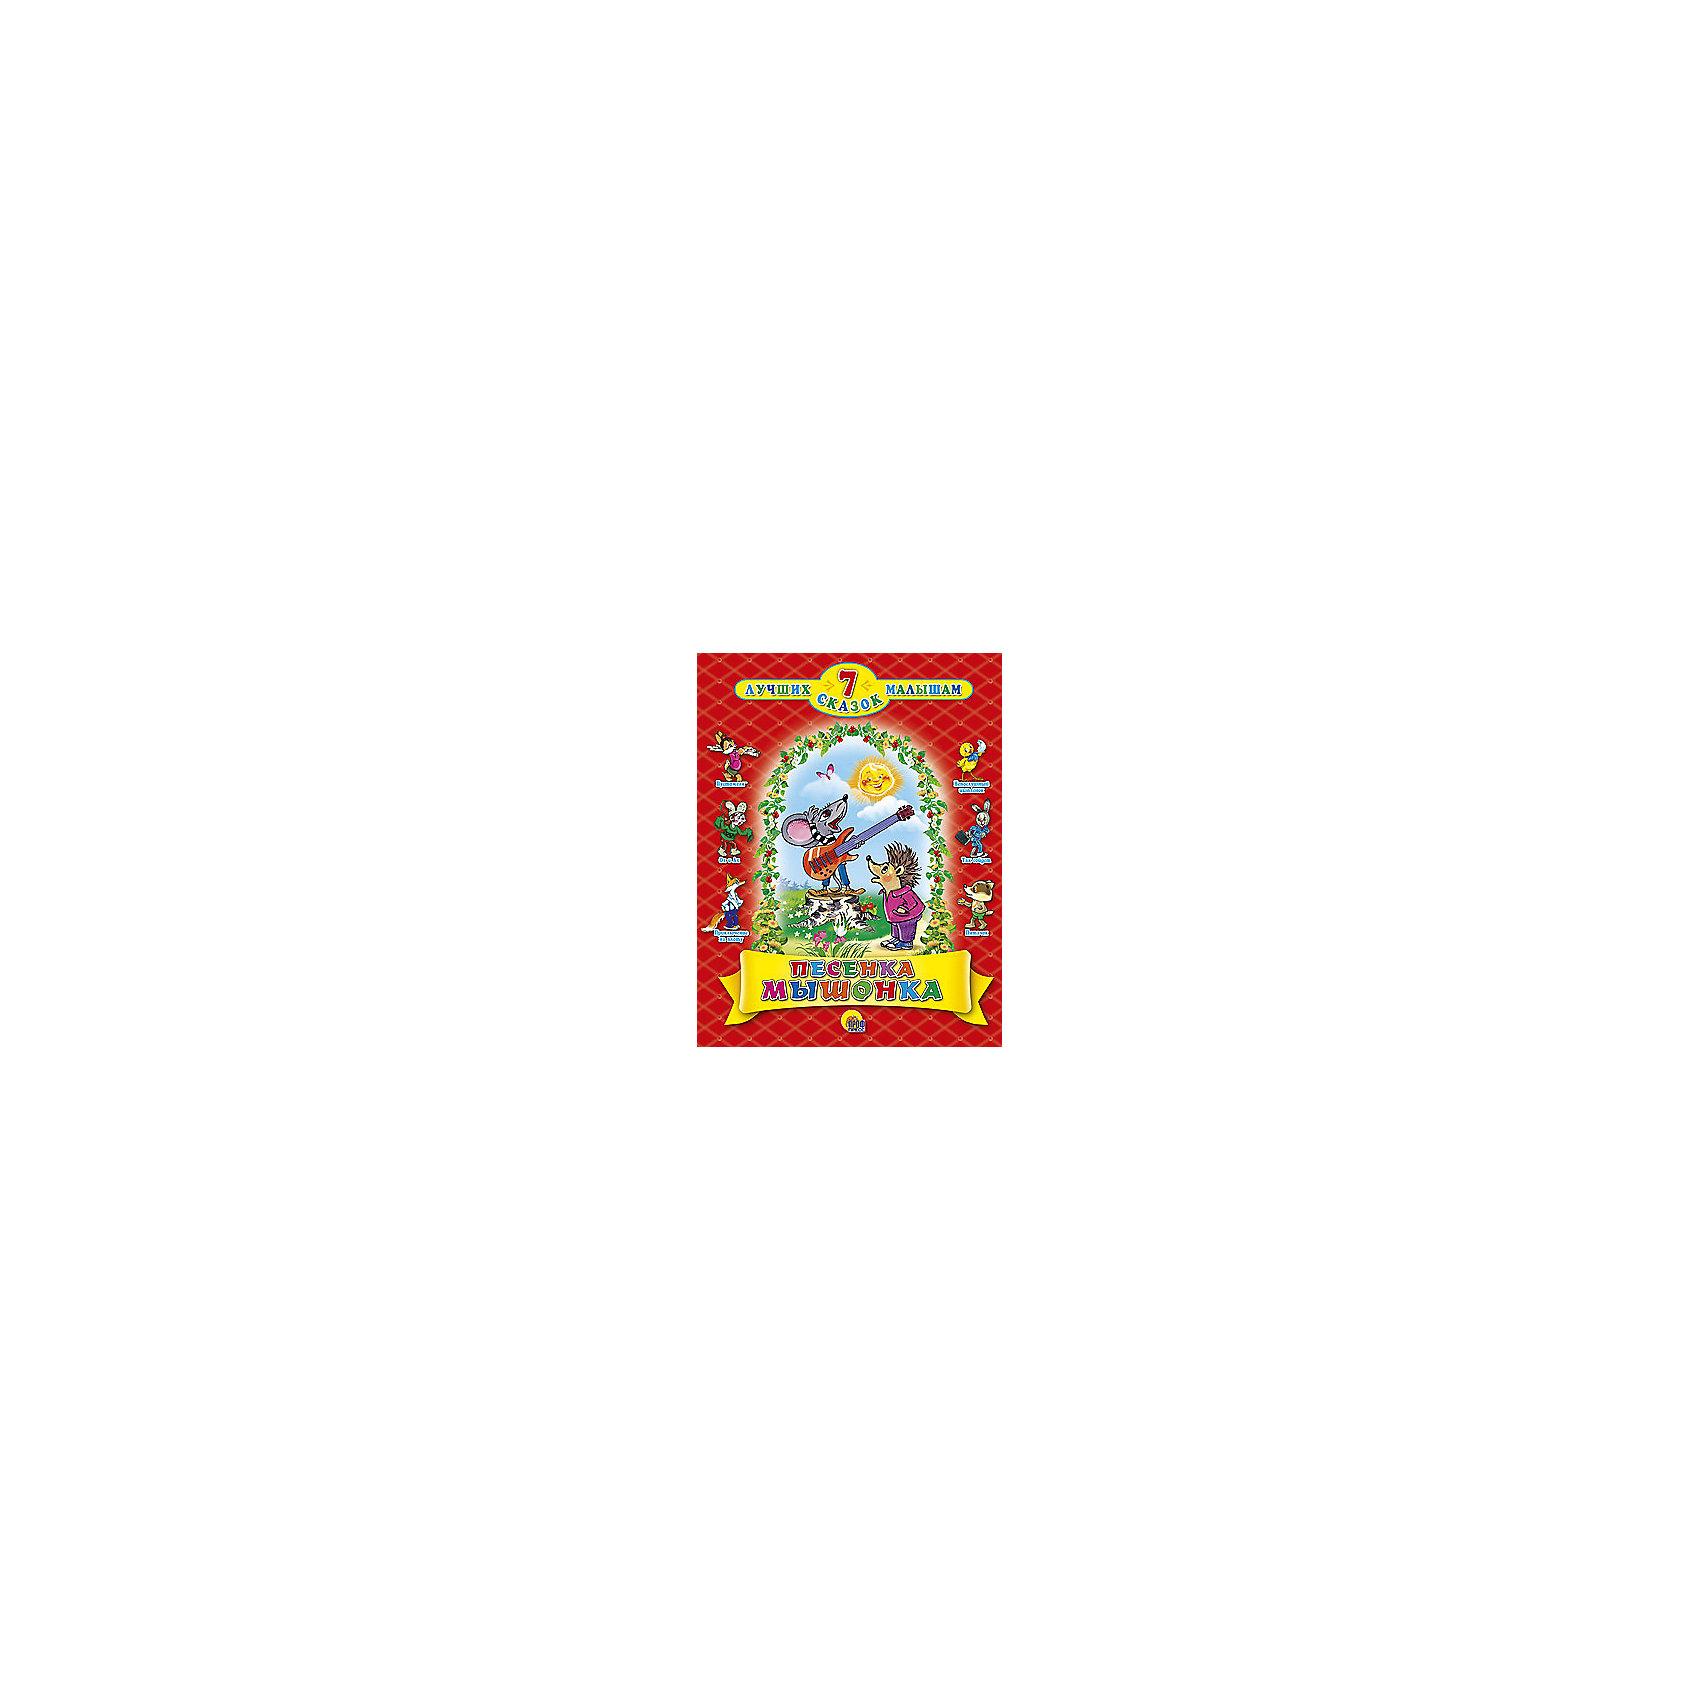 Песенка мышонка (10 шт), 7 сказокБлагодаря книге Песенка мышонка ребенок сможет встретиться с любимыми героями мультфильмов, ведь сказки в этой книге написаны по известным советским мультфильмам и украшены иллюстрациями, созданными художниками, которые принимали участие в создании этих мультиков. Вы наверняка знаете веселую песенку Какой чудесный день? Теперь чтобы ее спеть, достаточно открыть книгу и в голове сразу заиграет знакомая мелодия. Такую книжку малыш точно будет читать с удовольствием!<br>Дополнительная информация:<br>Издательство: Проф-Пресс<br>Год выпуска: 2016<br>Серия: 7 лучших сказок малышам<br>Обложка: твердый переплет<br>Иллюстрации: цветные<br>Количество страниц: 80<br>ISBN:978-5-378-02983-9<br>Размер: 25,5х1х20 см<br>Вес: 310 грамм<br>Книгу Песенка мышонка можно купить в нашем интернет-магазине.<br><br>Ширина мм: 200<br>Глубина мм: 10<br>Высота мм: 255<br>Вес г: 310<br>Возраст от месяцев: 0<br>Возраст до месяцев: 36<br>Пол: Унисекс<br>Возраст: Детский<br>SKU: 4905877